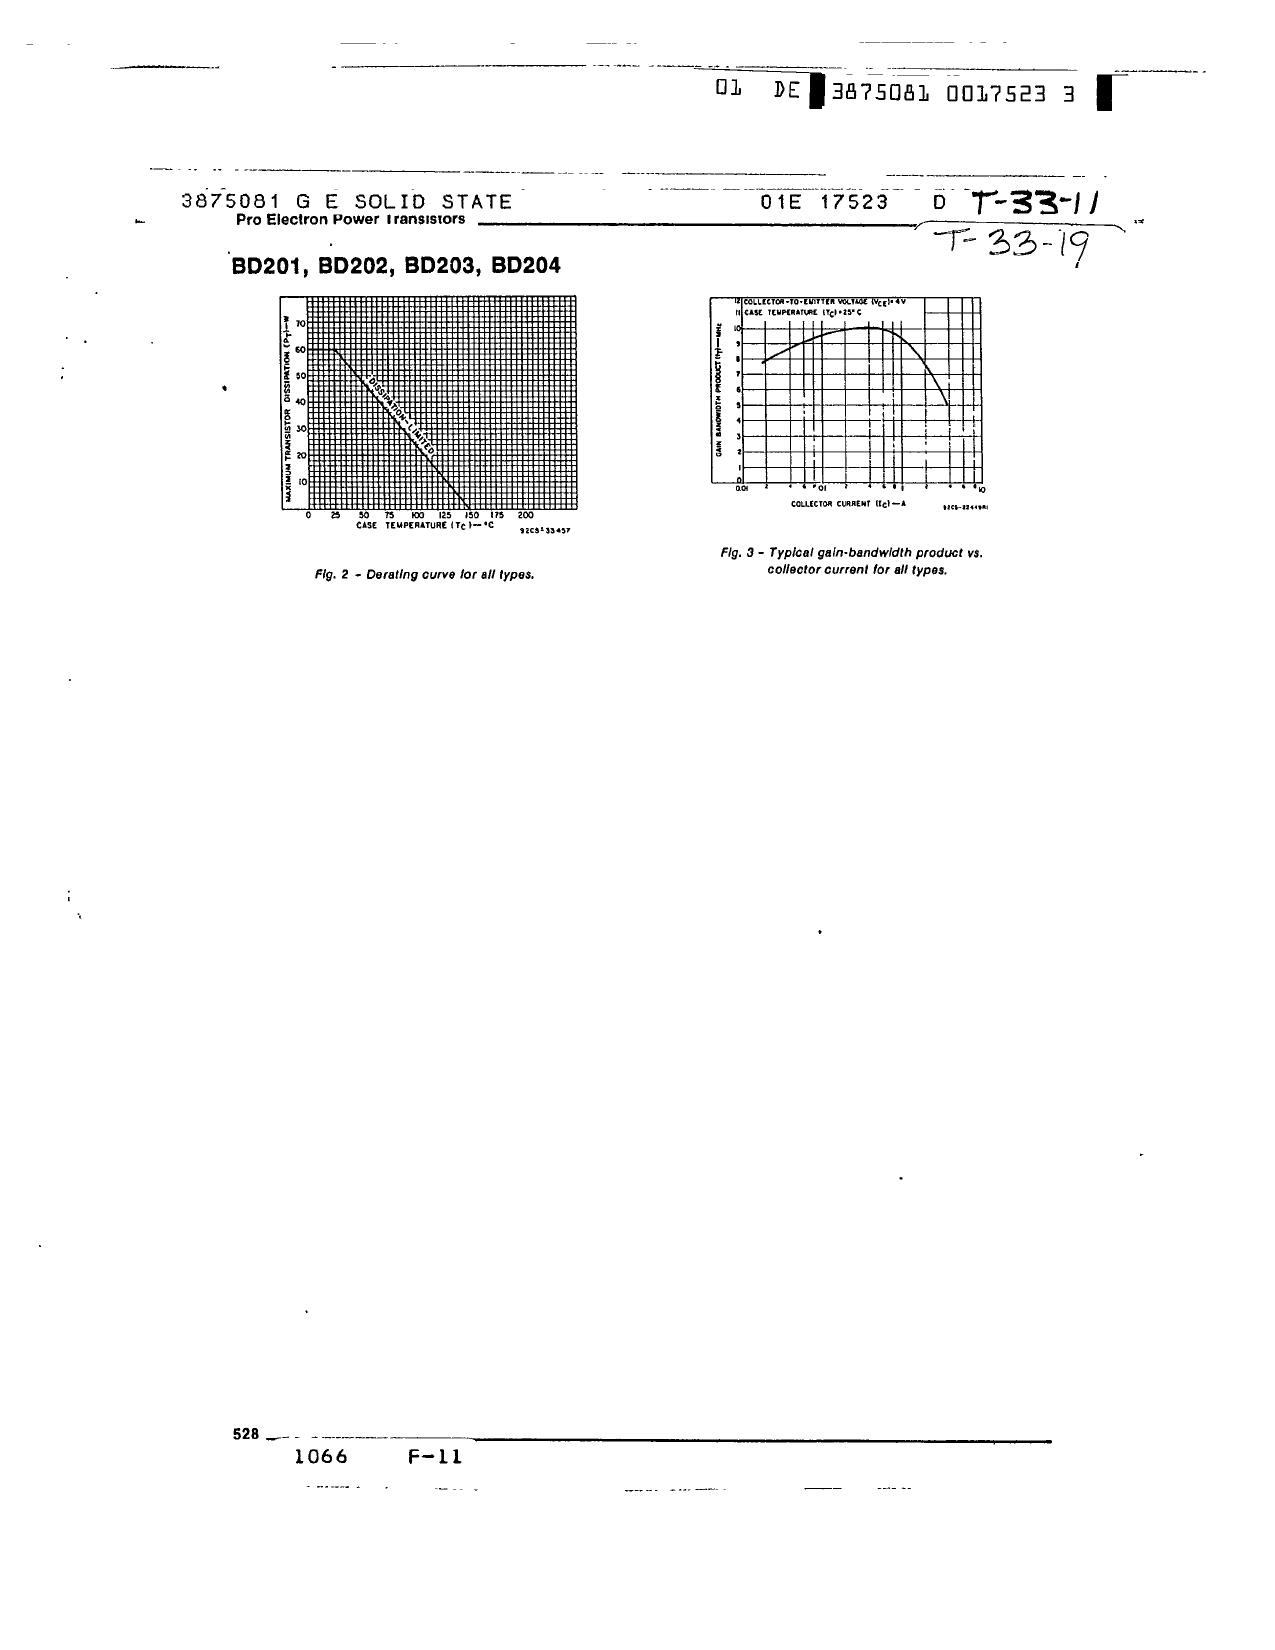 BD202 pdf, ピン配列